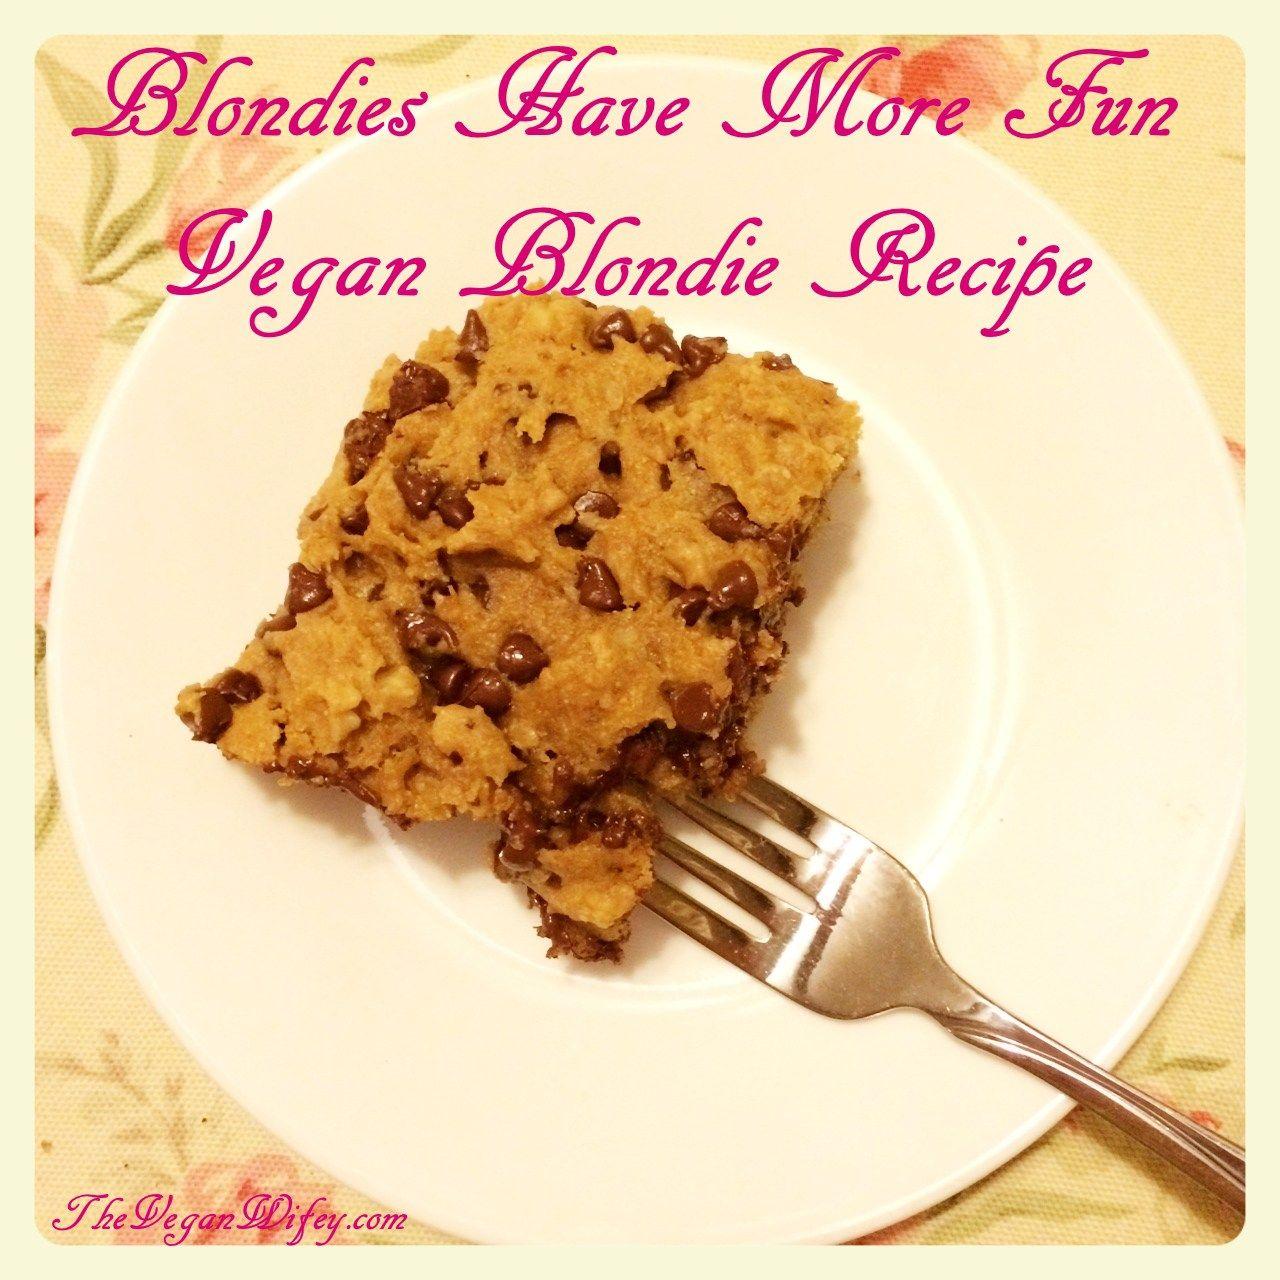 Blondies Have More Fun Vegan Blondie Recipe